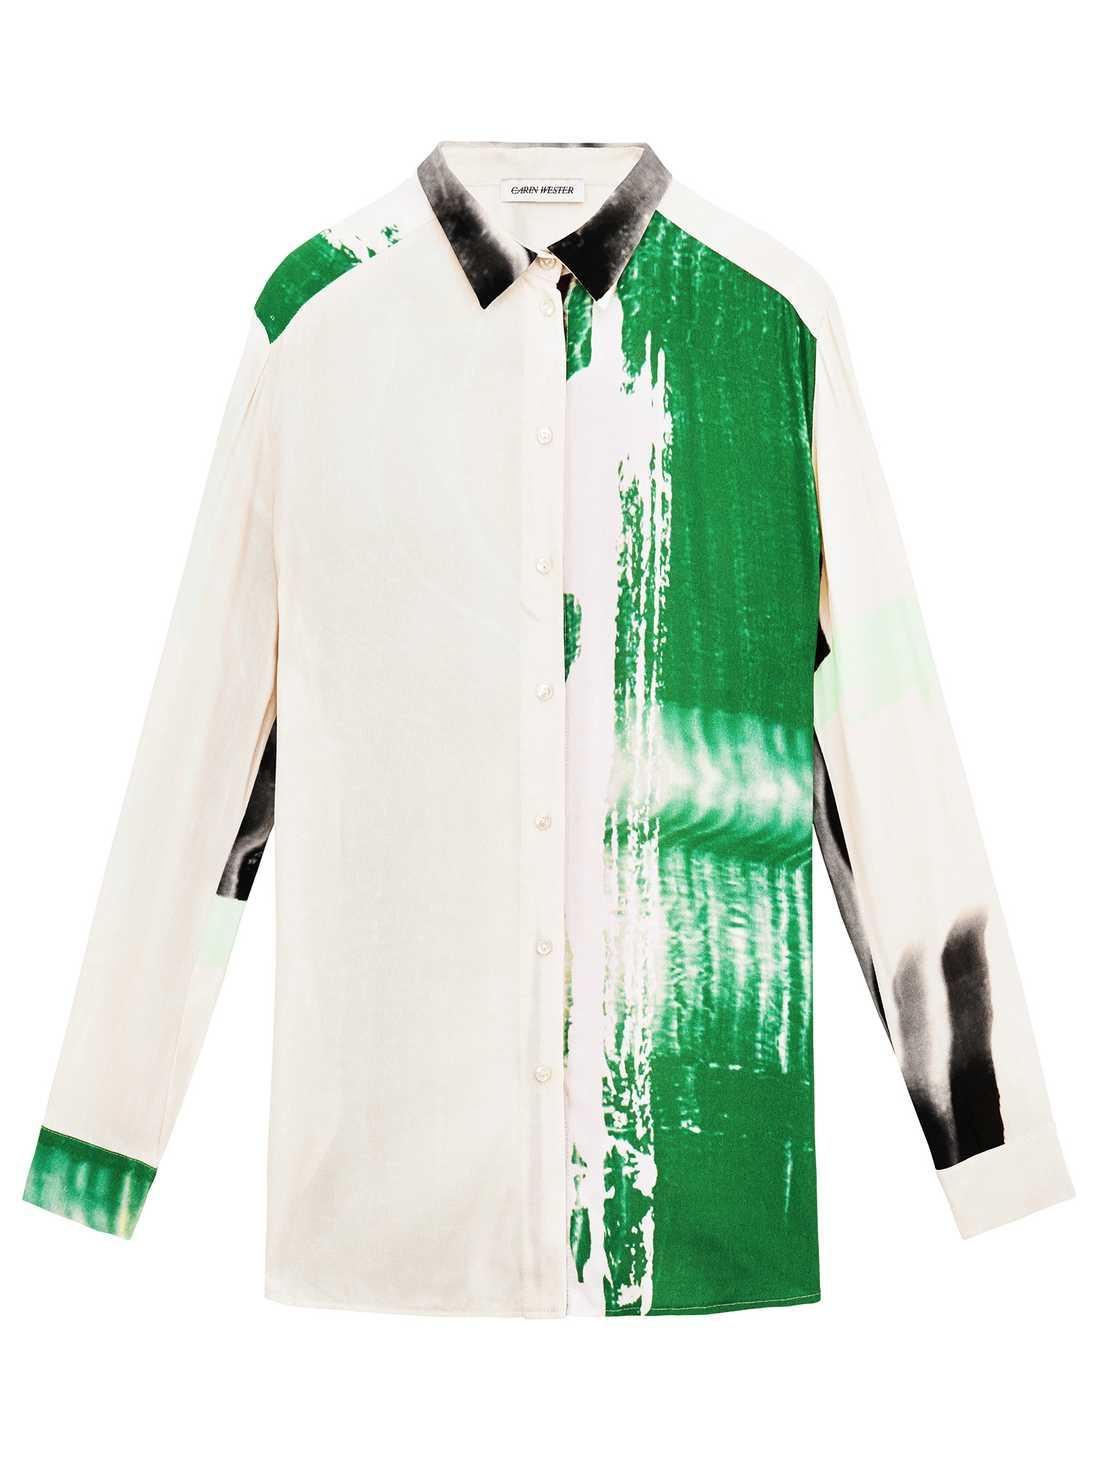 Klädkonst Handmålade ränder, konstnärliga tryck och Carin Westers snygga färgfest i skjortform. Konsten fortsätter att inspirera, tummen upp för kreativitet och lekfullhet. Just denna kostar 2 000 kronor.